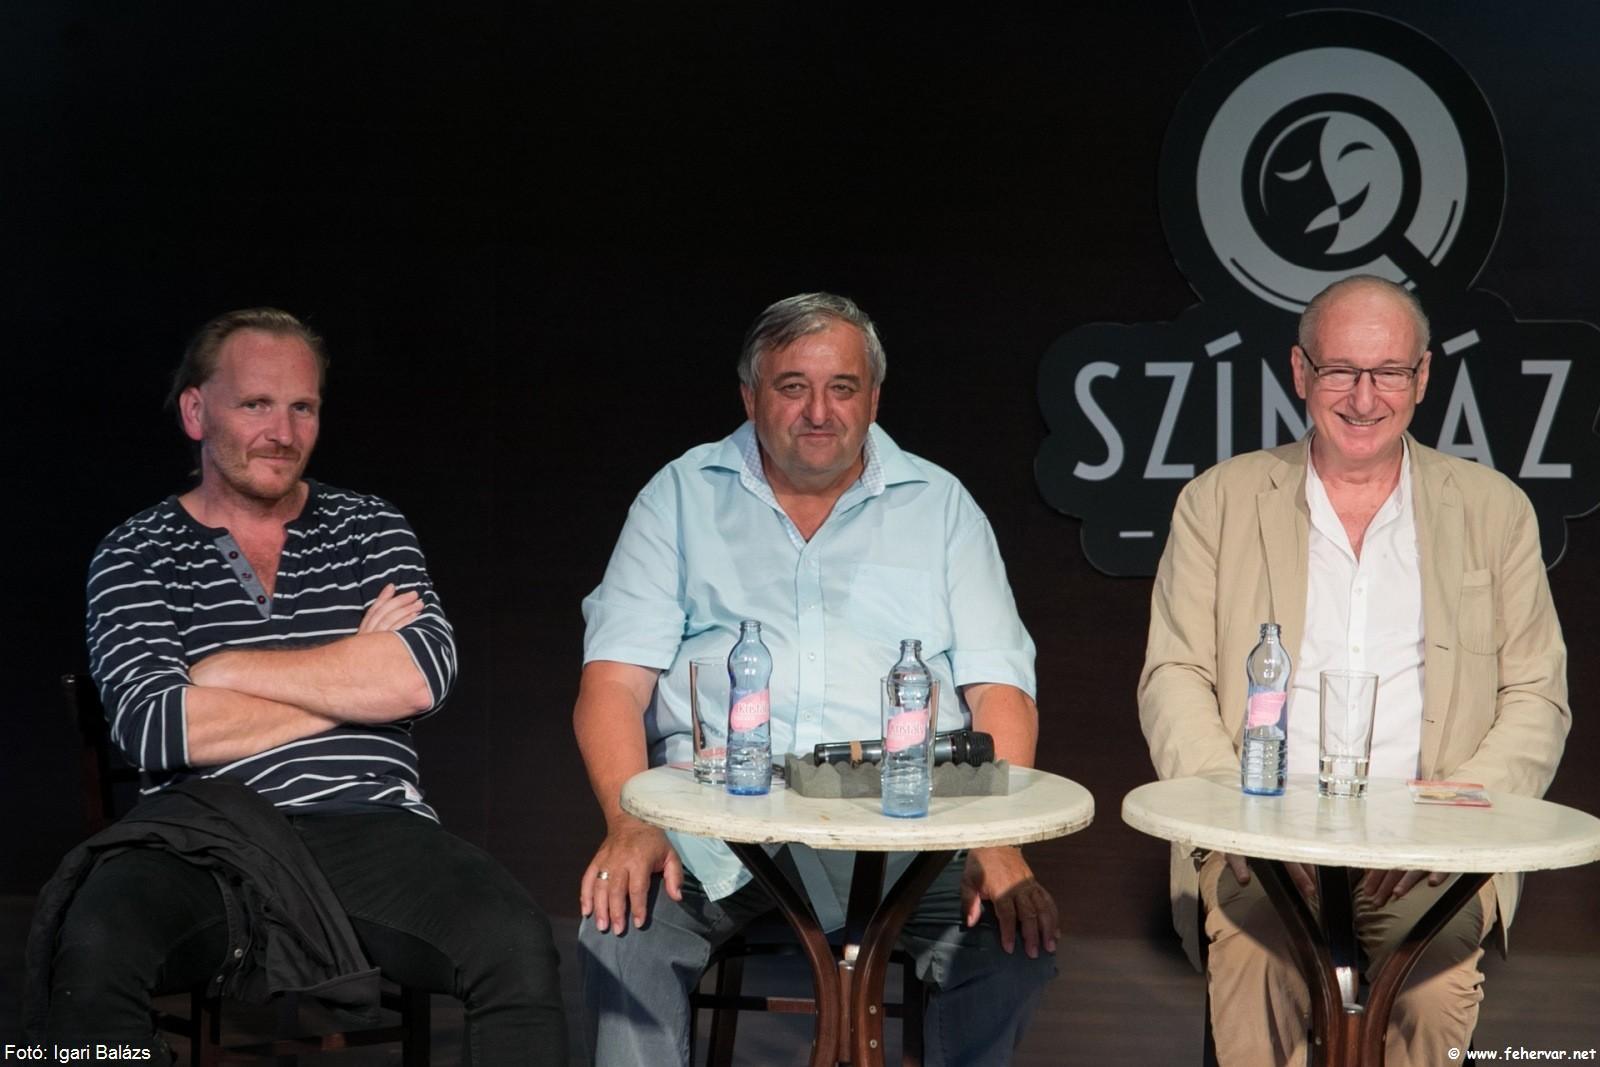 Hargitai Iván, Szigli István és Szikora János a sajtótájékoztatón